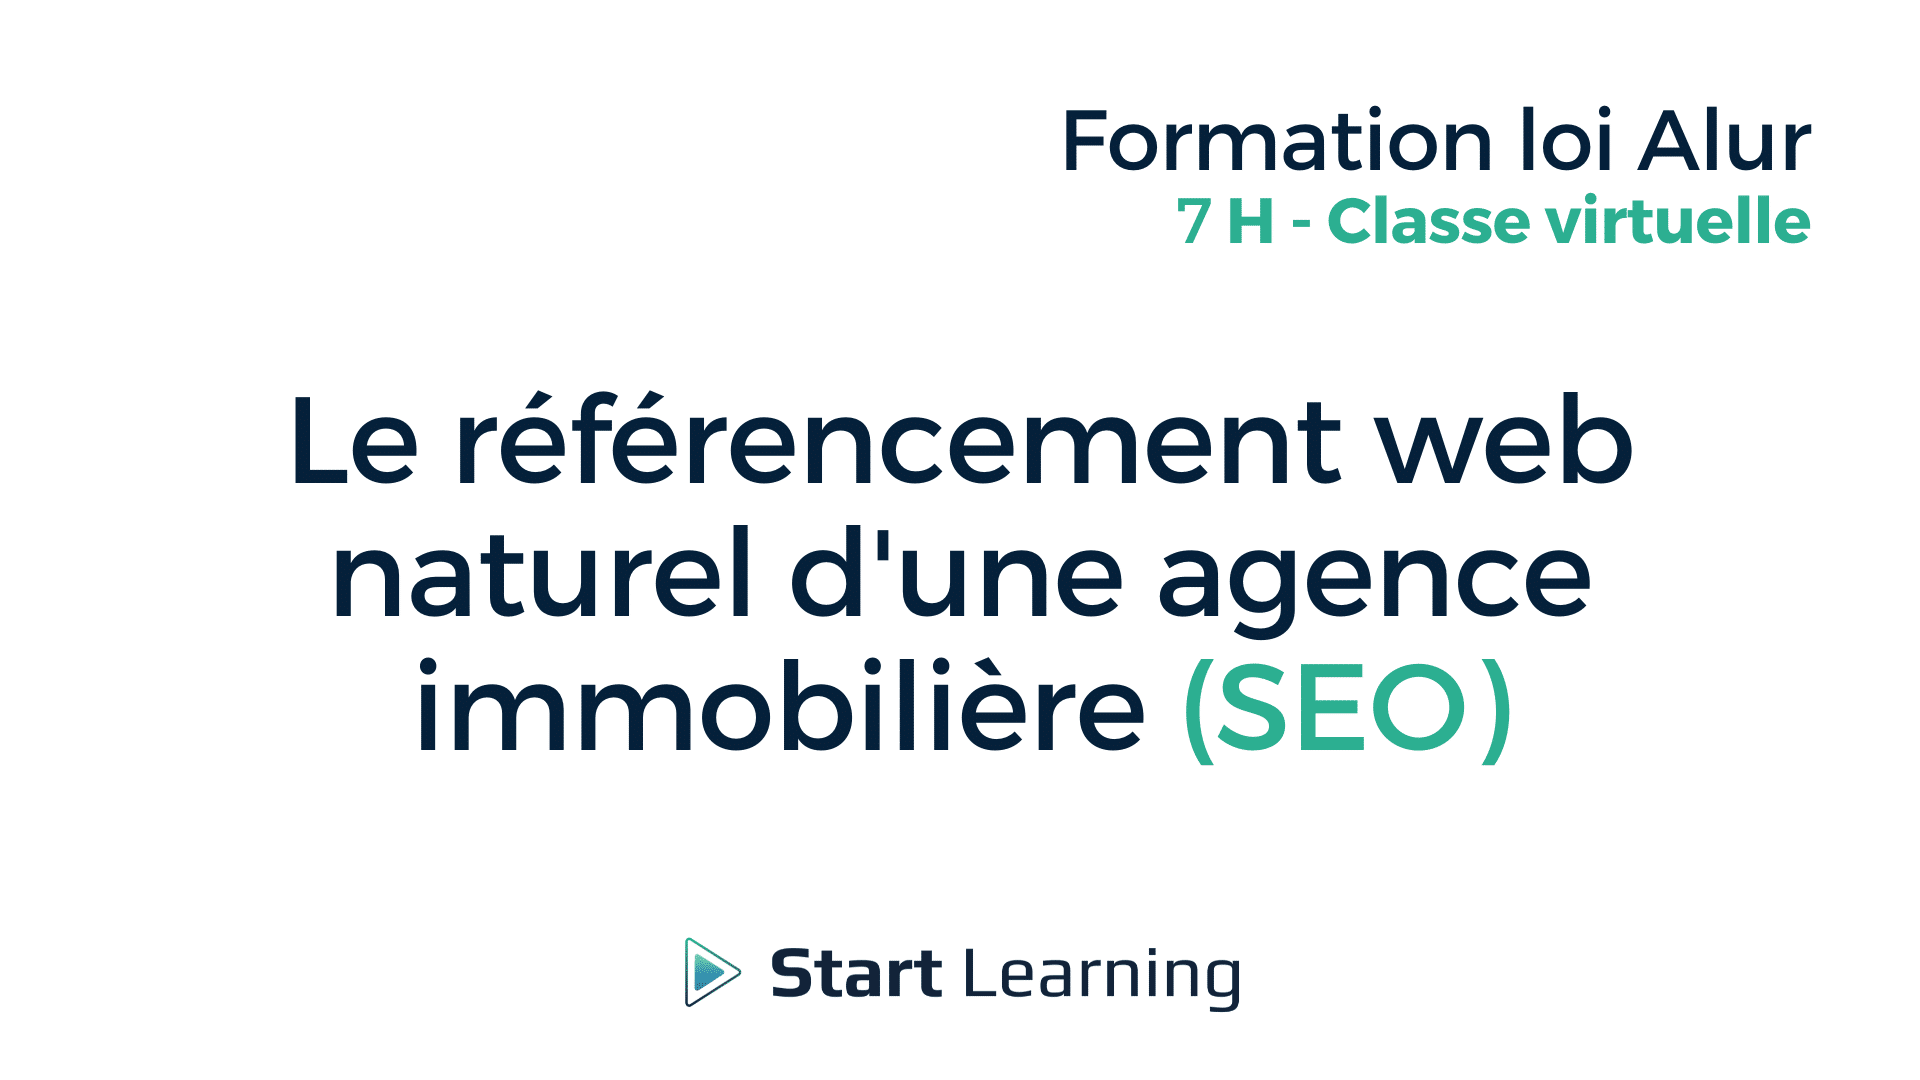 Formation loi Alur Classe Virtuelle - Le référencement web naturel d'une agence immobilière (SEO)